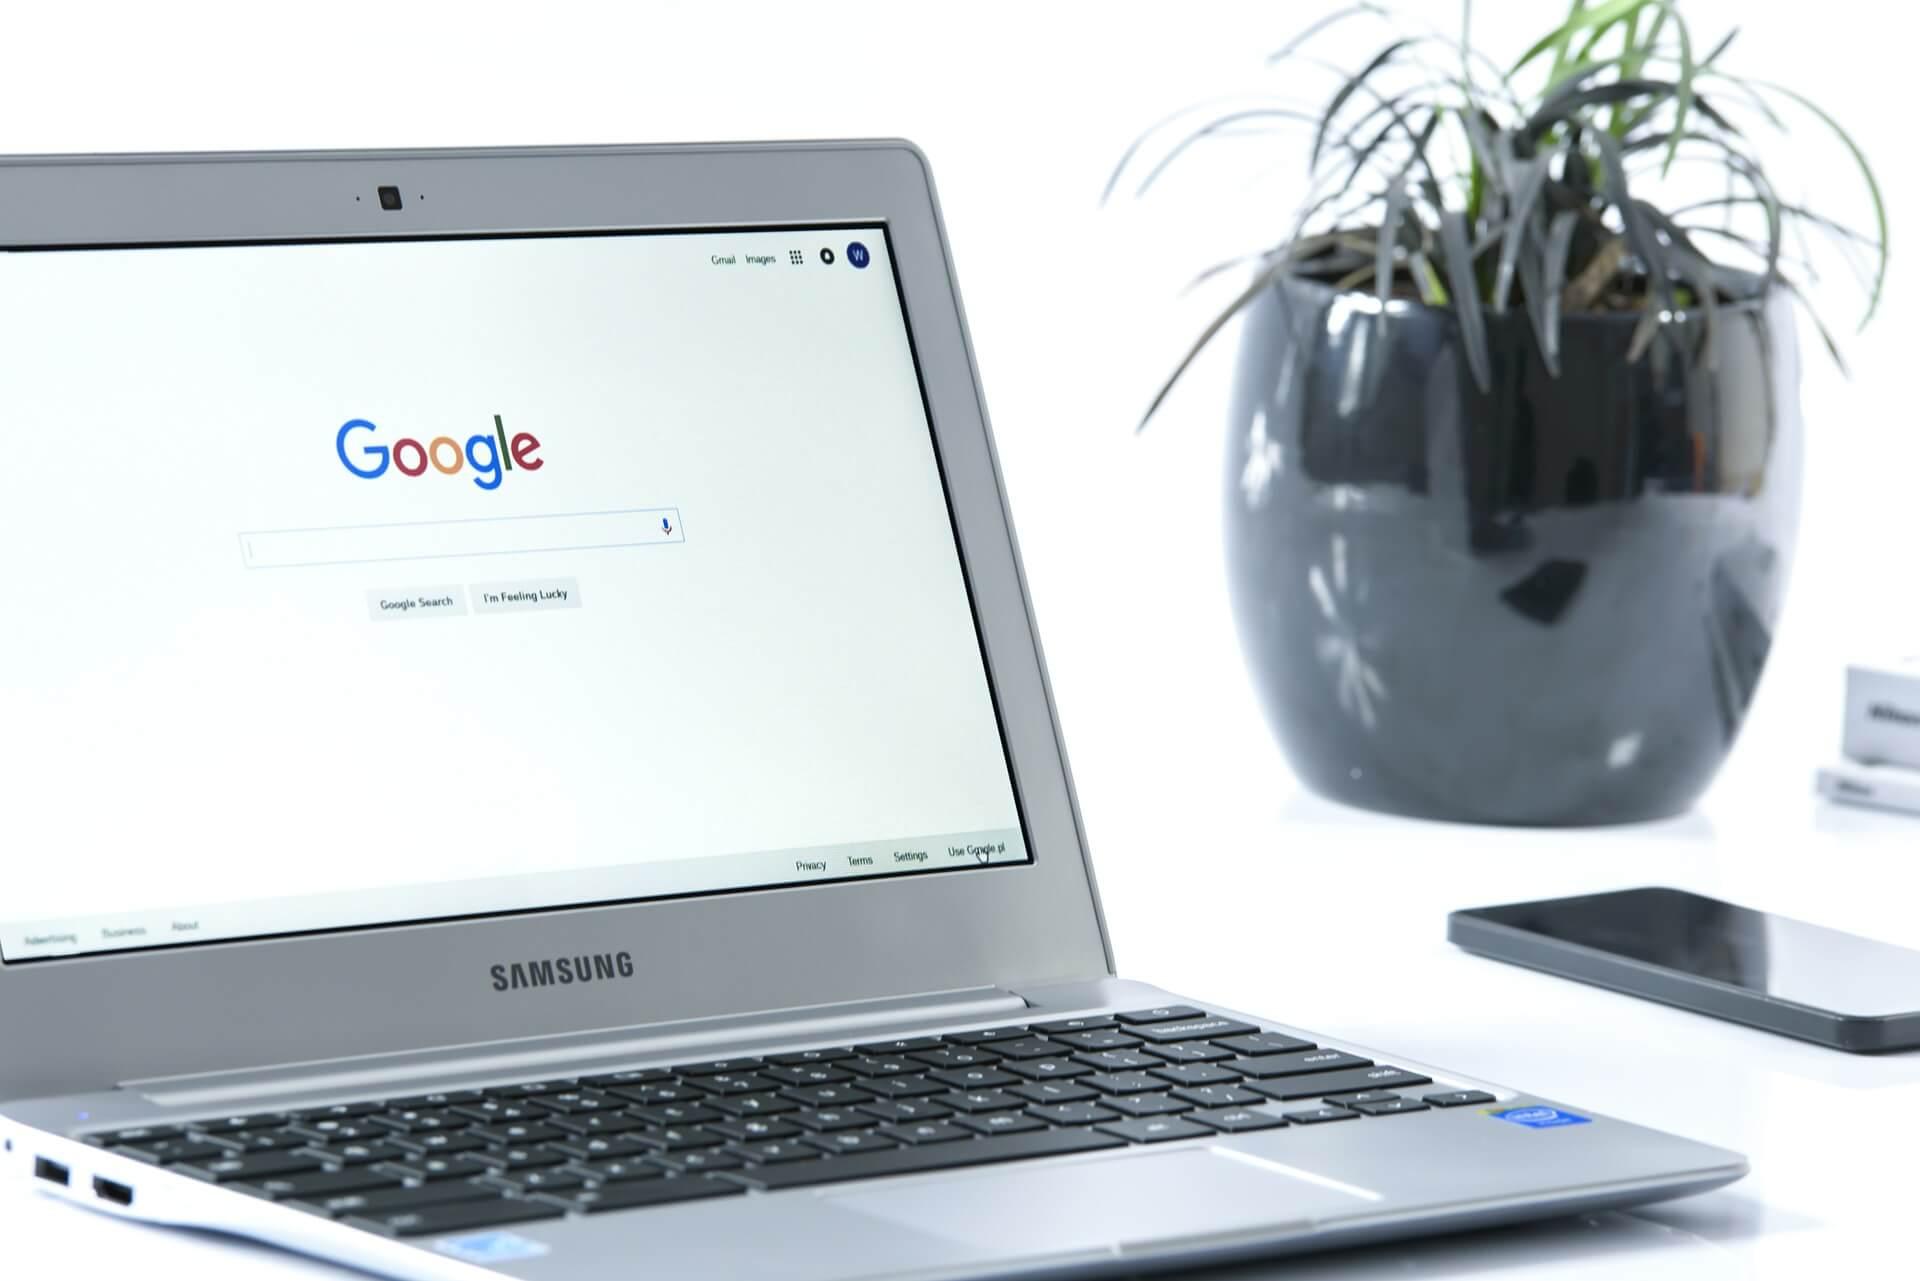 Laptop auf dem Google geöffnet ist